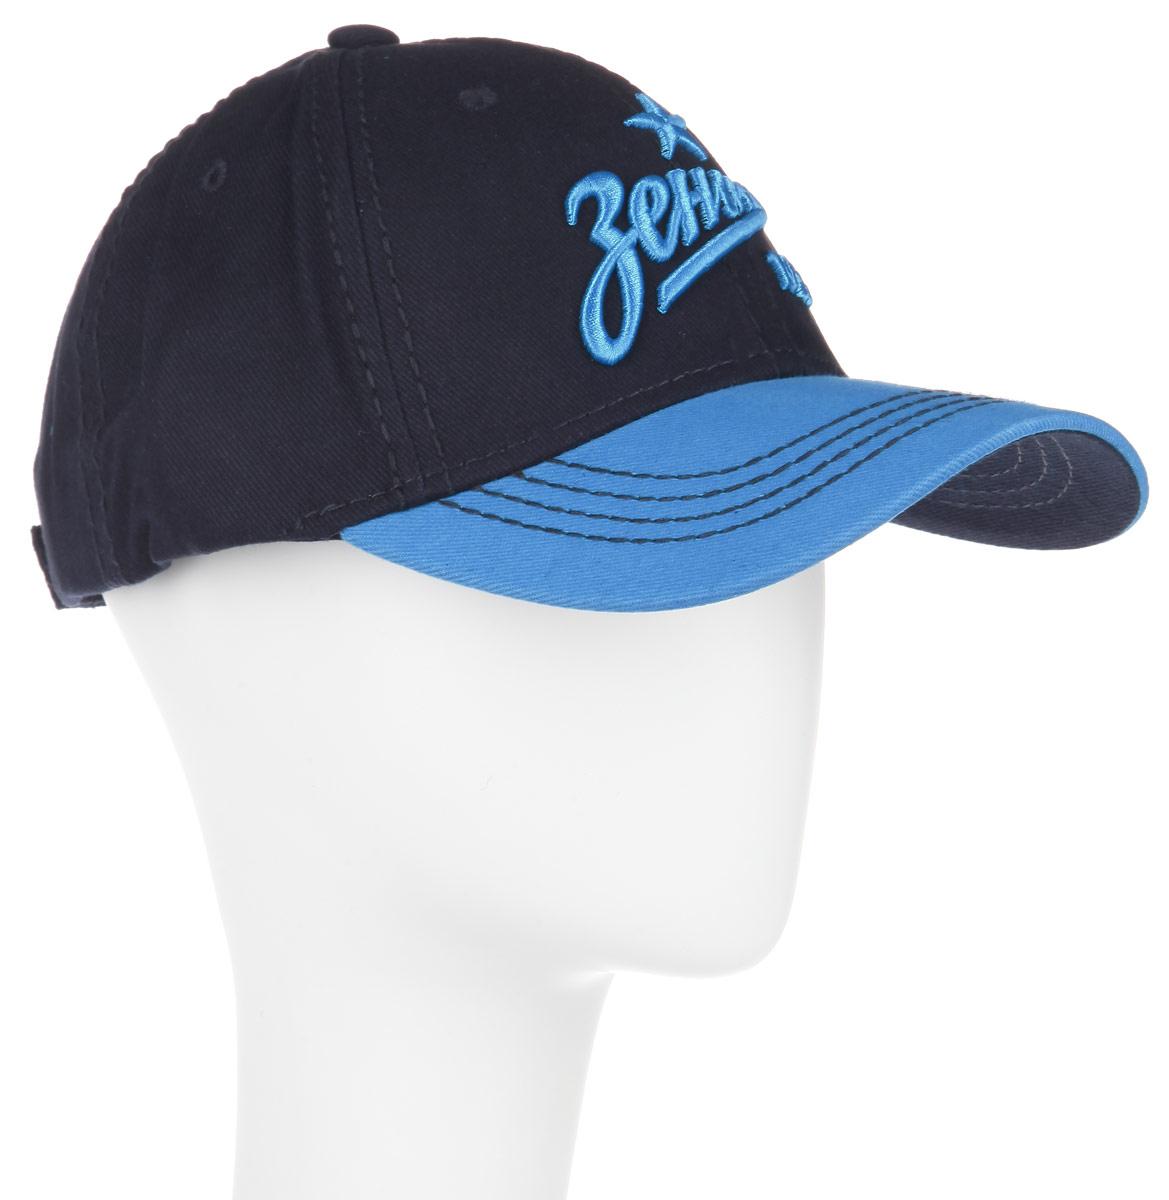 Бейсболка Зенит, цвет: голубой, темно-синий. 10538. Размер L\XL (55-58)10538Практичная и удобная бейсболка Зенит, выполненная из высококачественного хлопка, идеально подойдет для активного отдыха и обеспечит надежную защиту головы от солнца. Бейсболка дополнена закругленным твердым козырьком и оформлена вышивкой в виде эмблемы профессиональной хоккейной команды Зенит. Такая бейсболка станет отличным аксессуаром для занятий спортом или дополнит ваш повседневный образ.